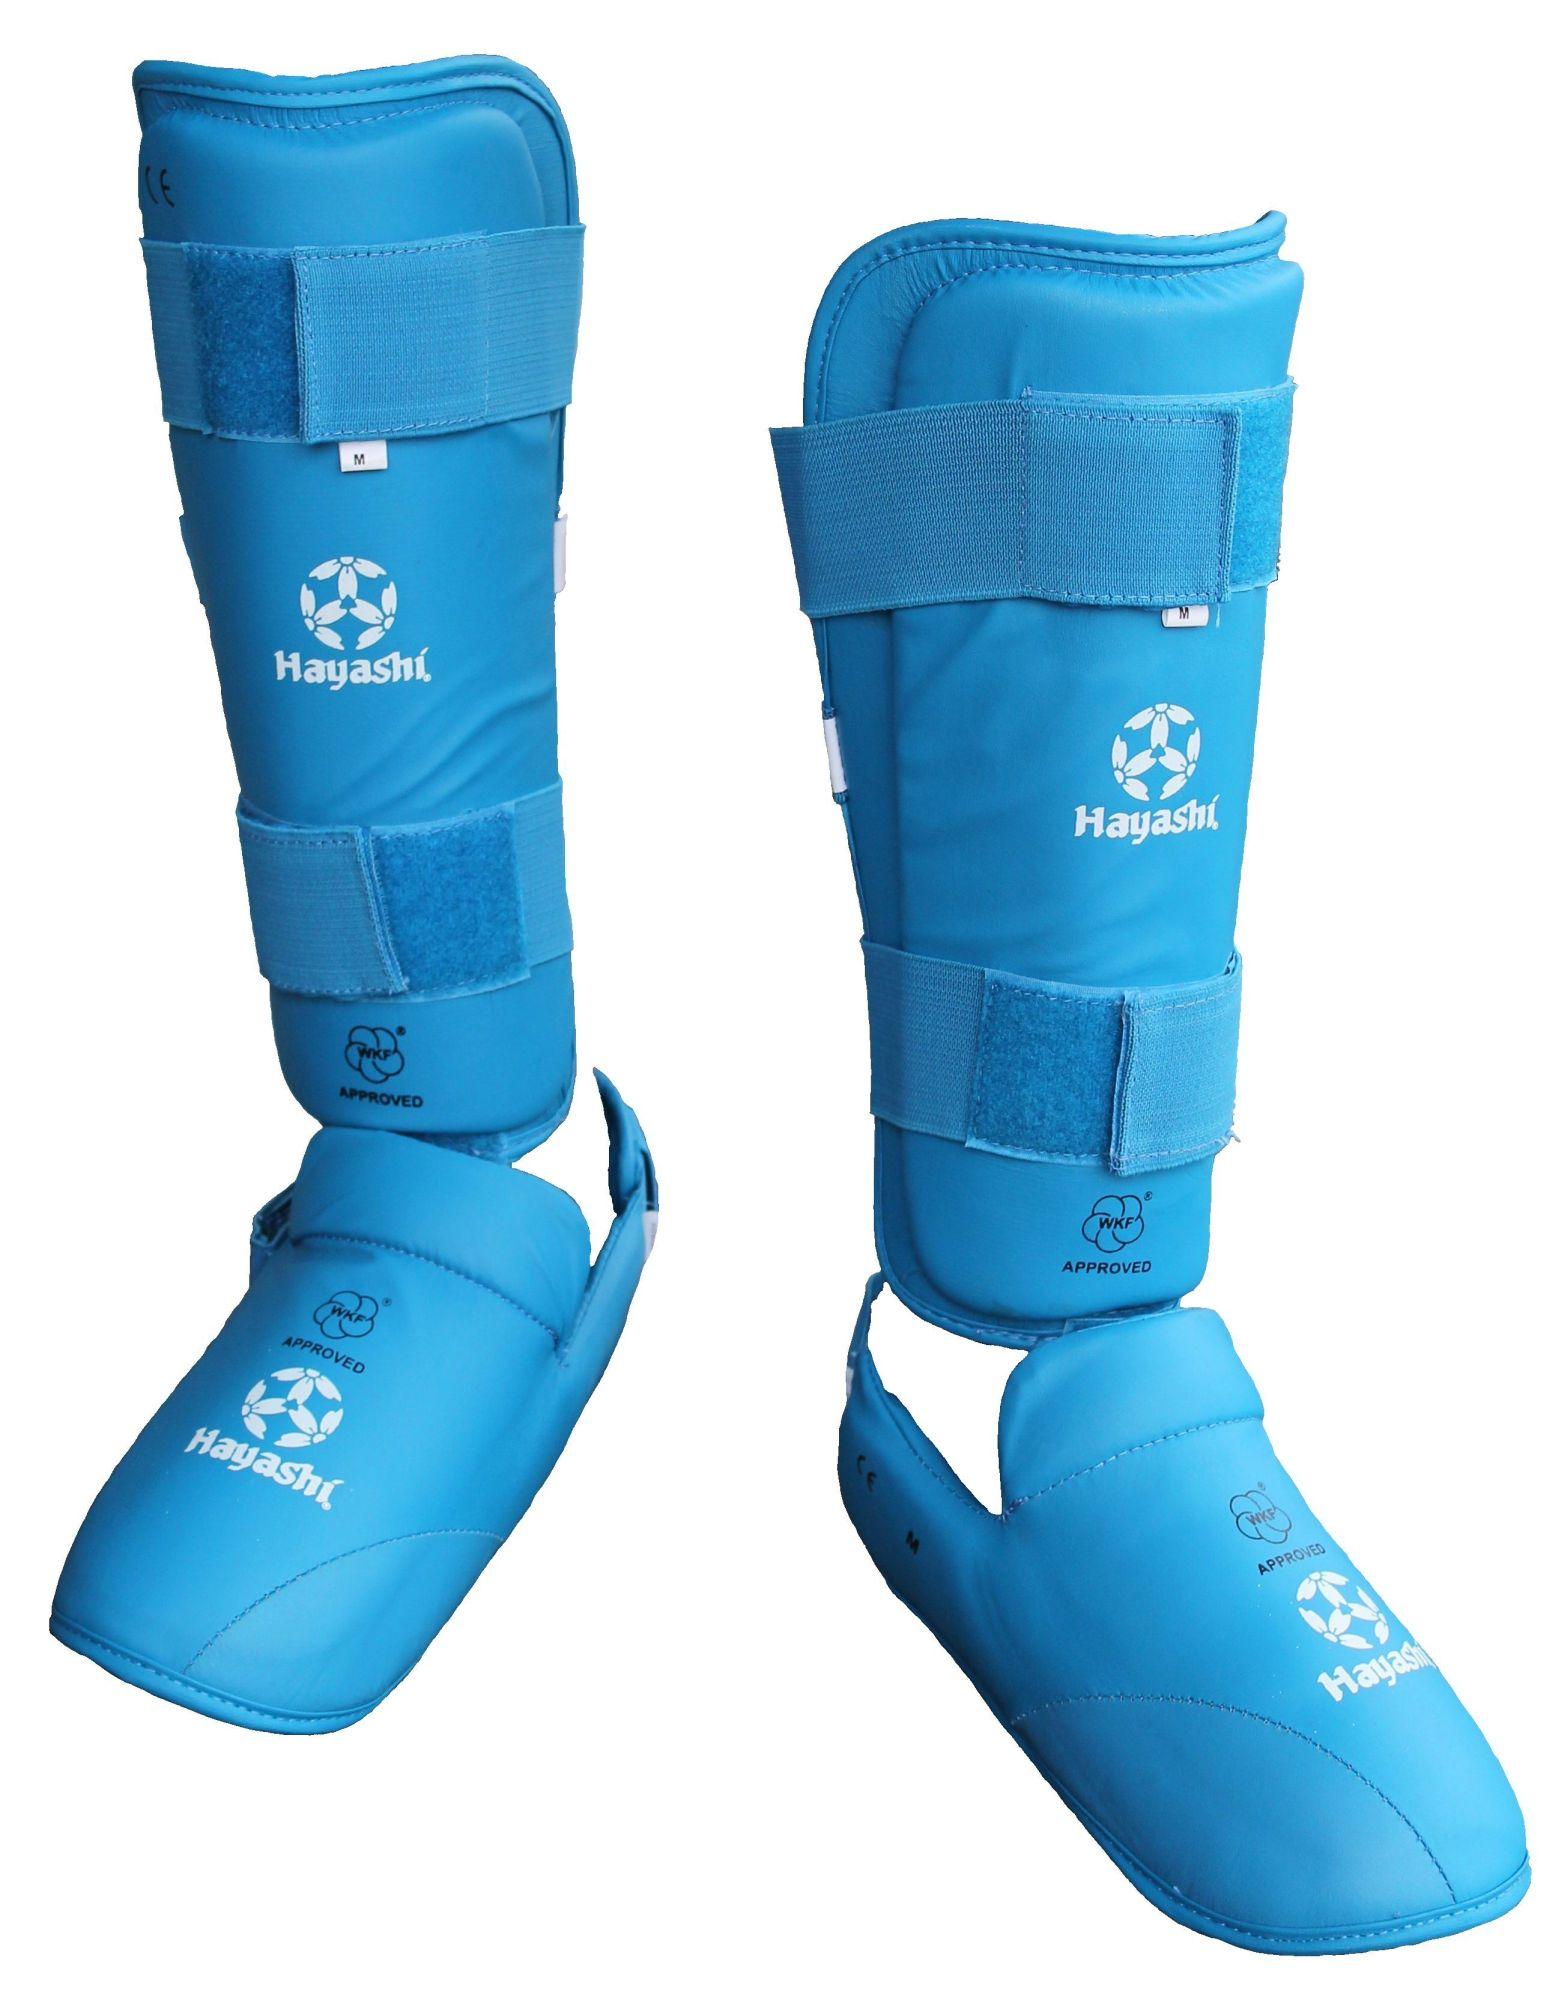 Hayashi Karate Scheen/wreefbeschermer (WKF approved) Blauw